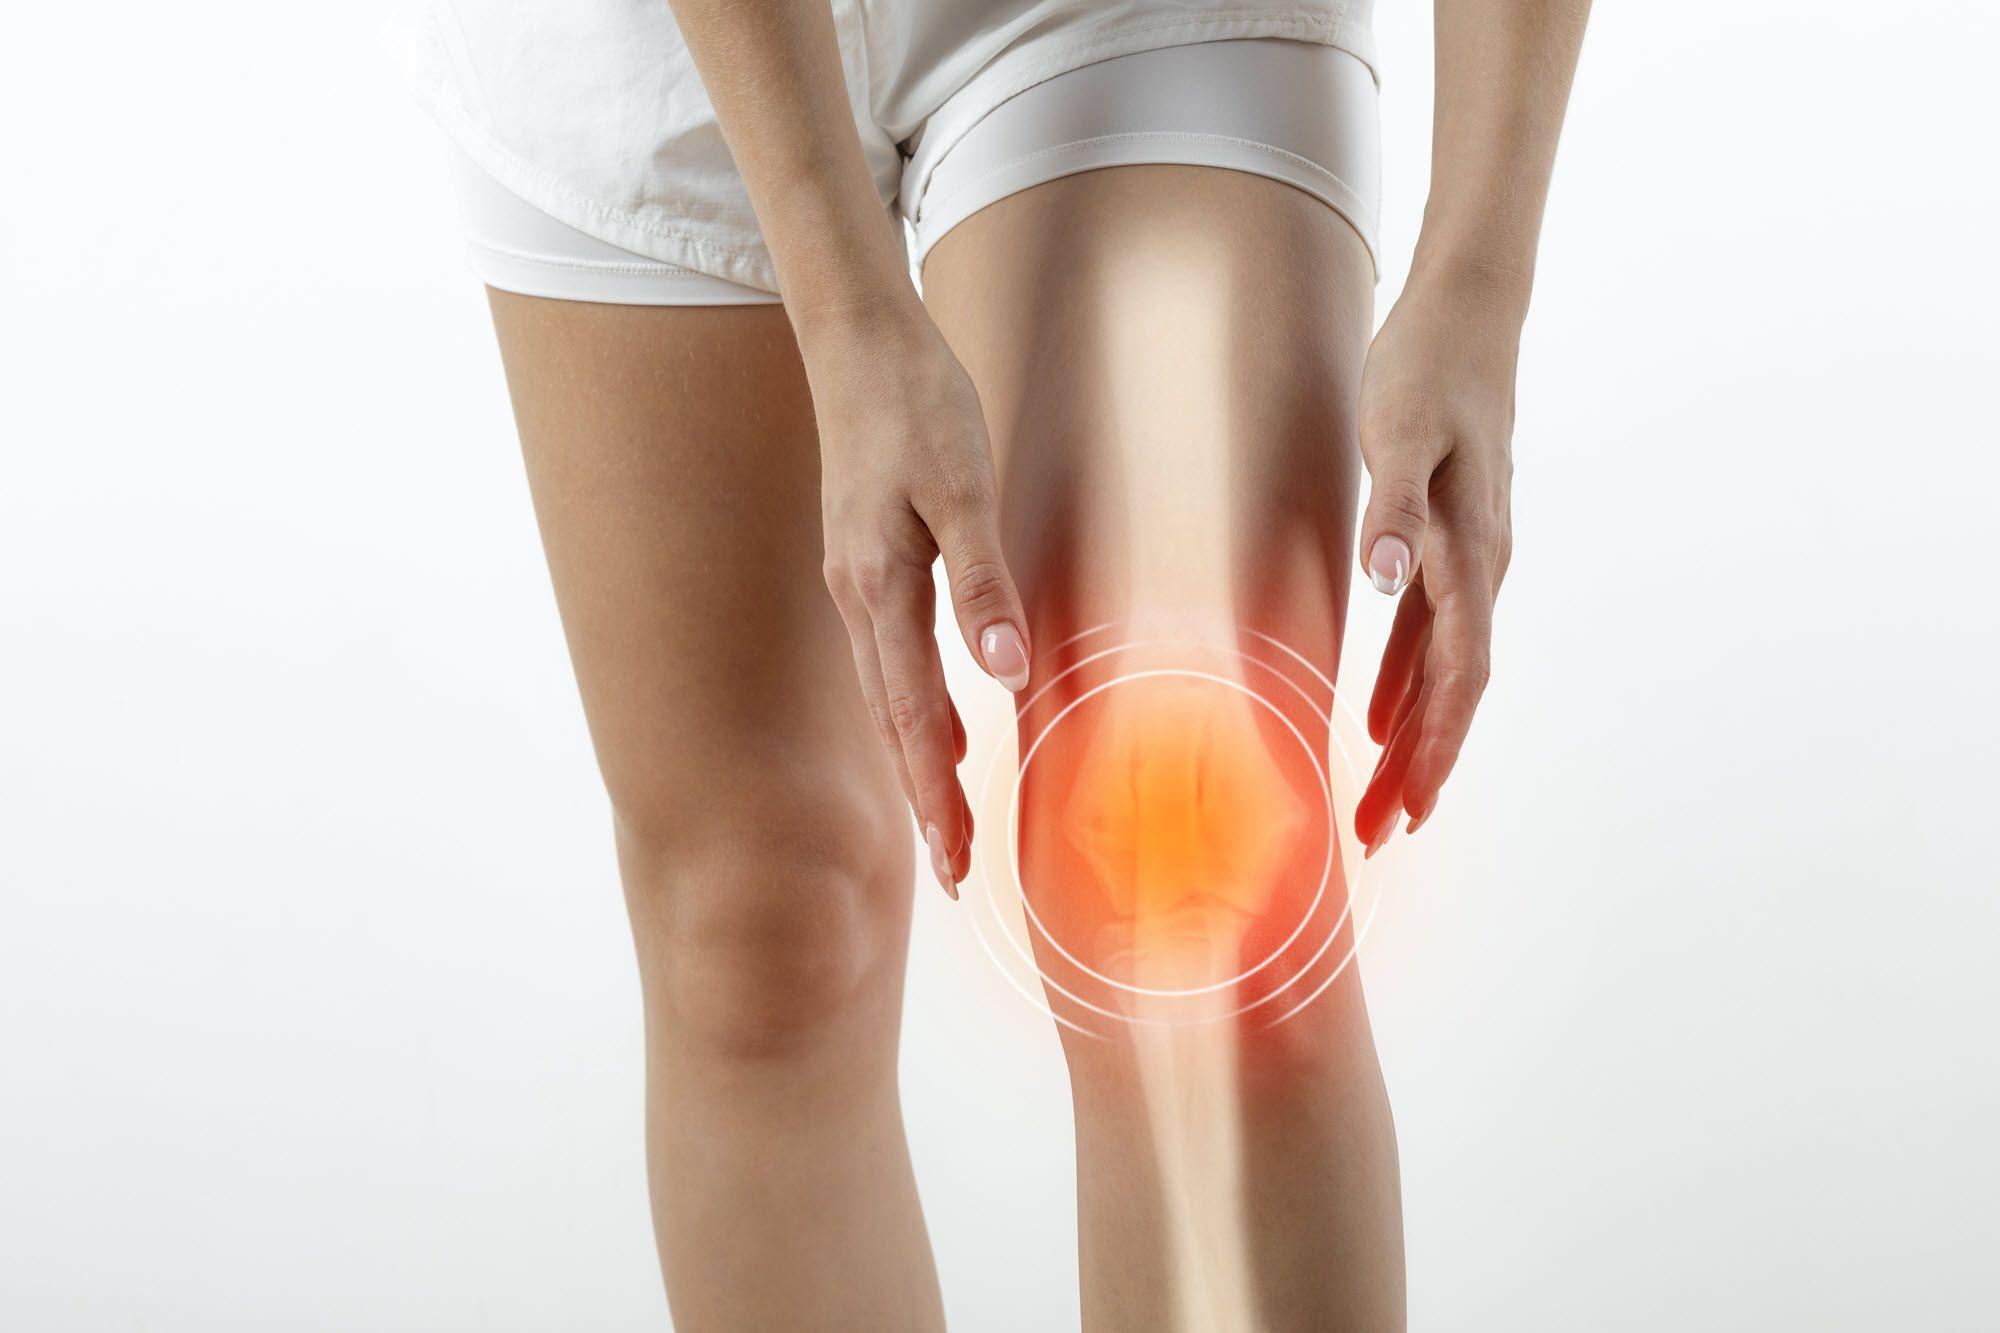 Colágeno UC-II & OVOMET para regenerar las articulaciones (Artrosis – Artritis)